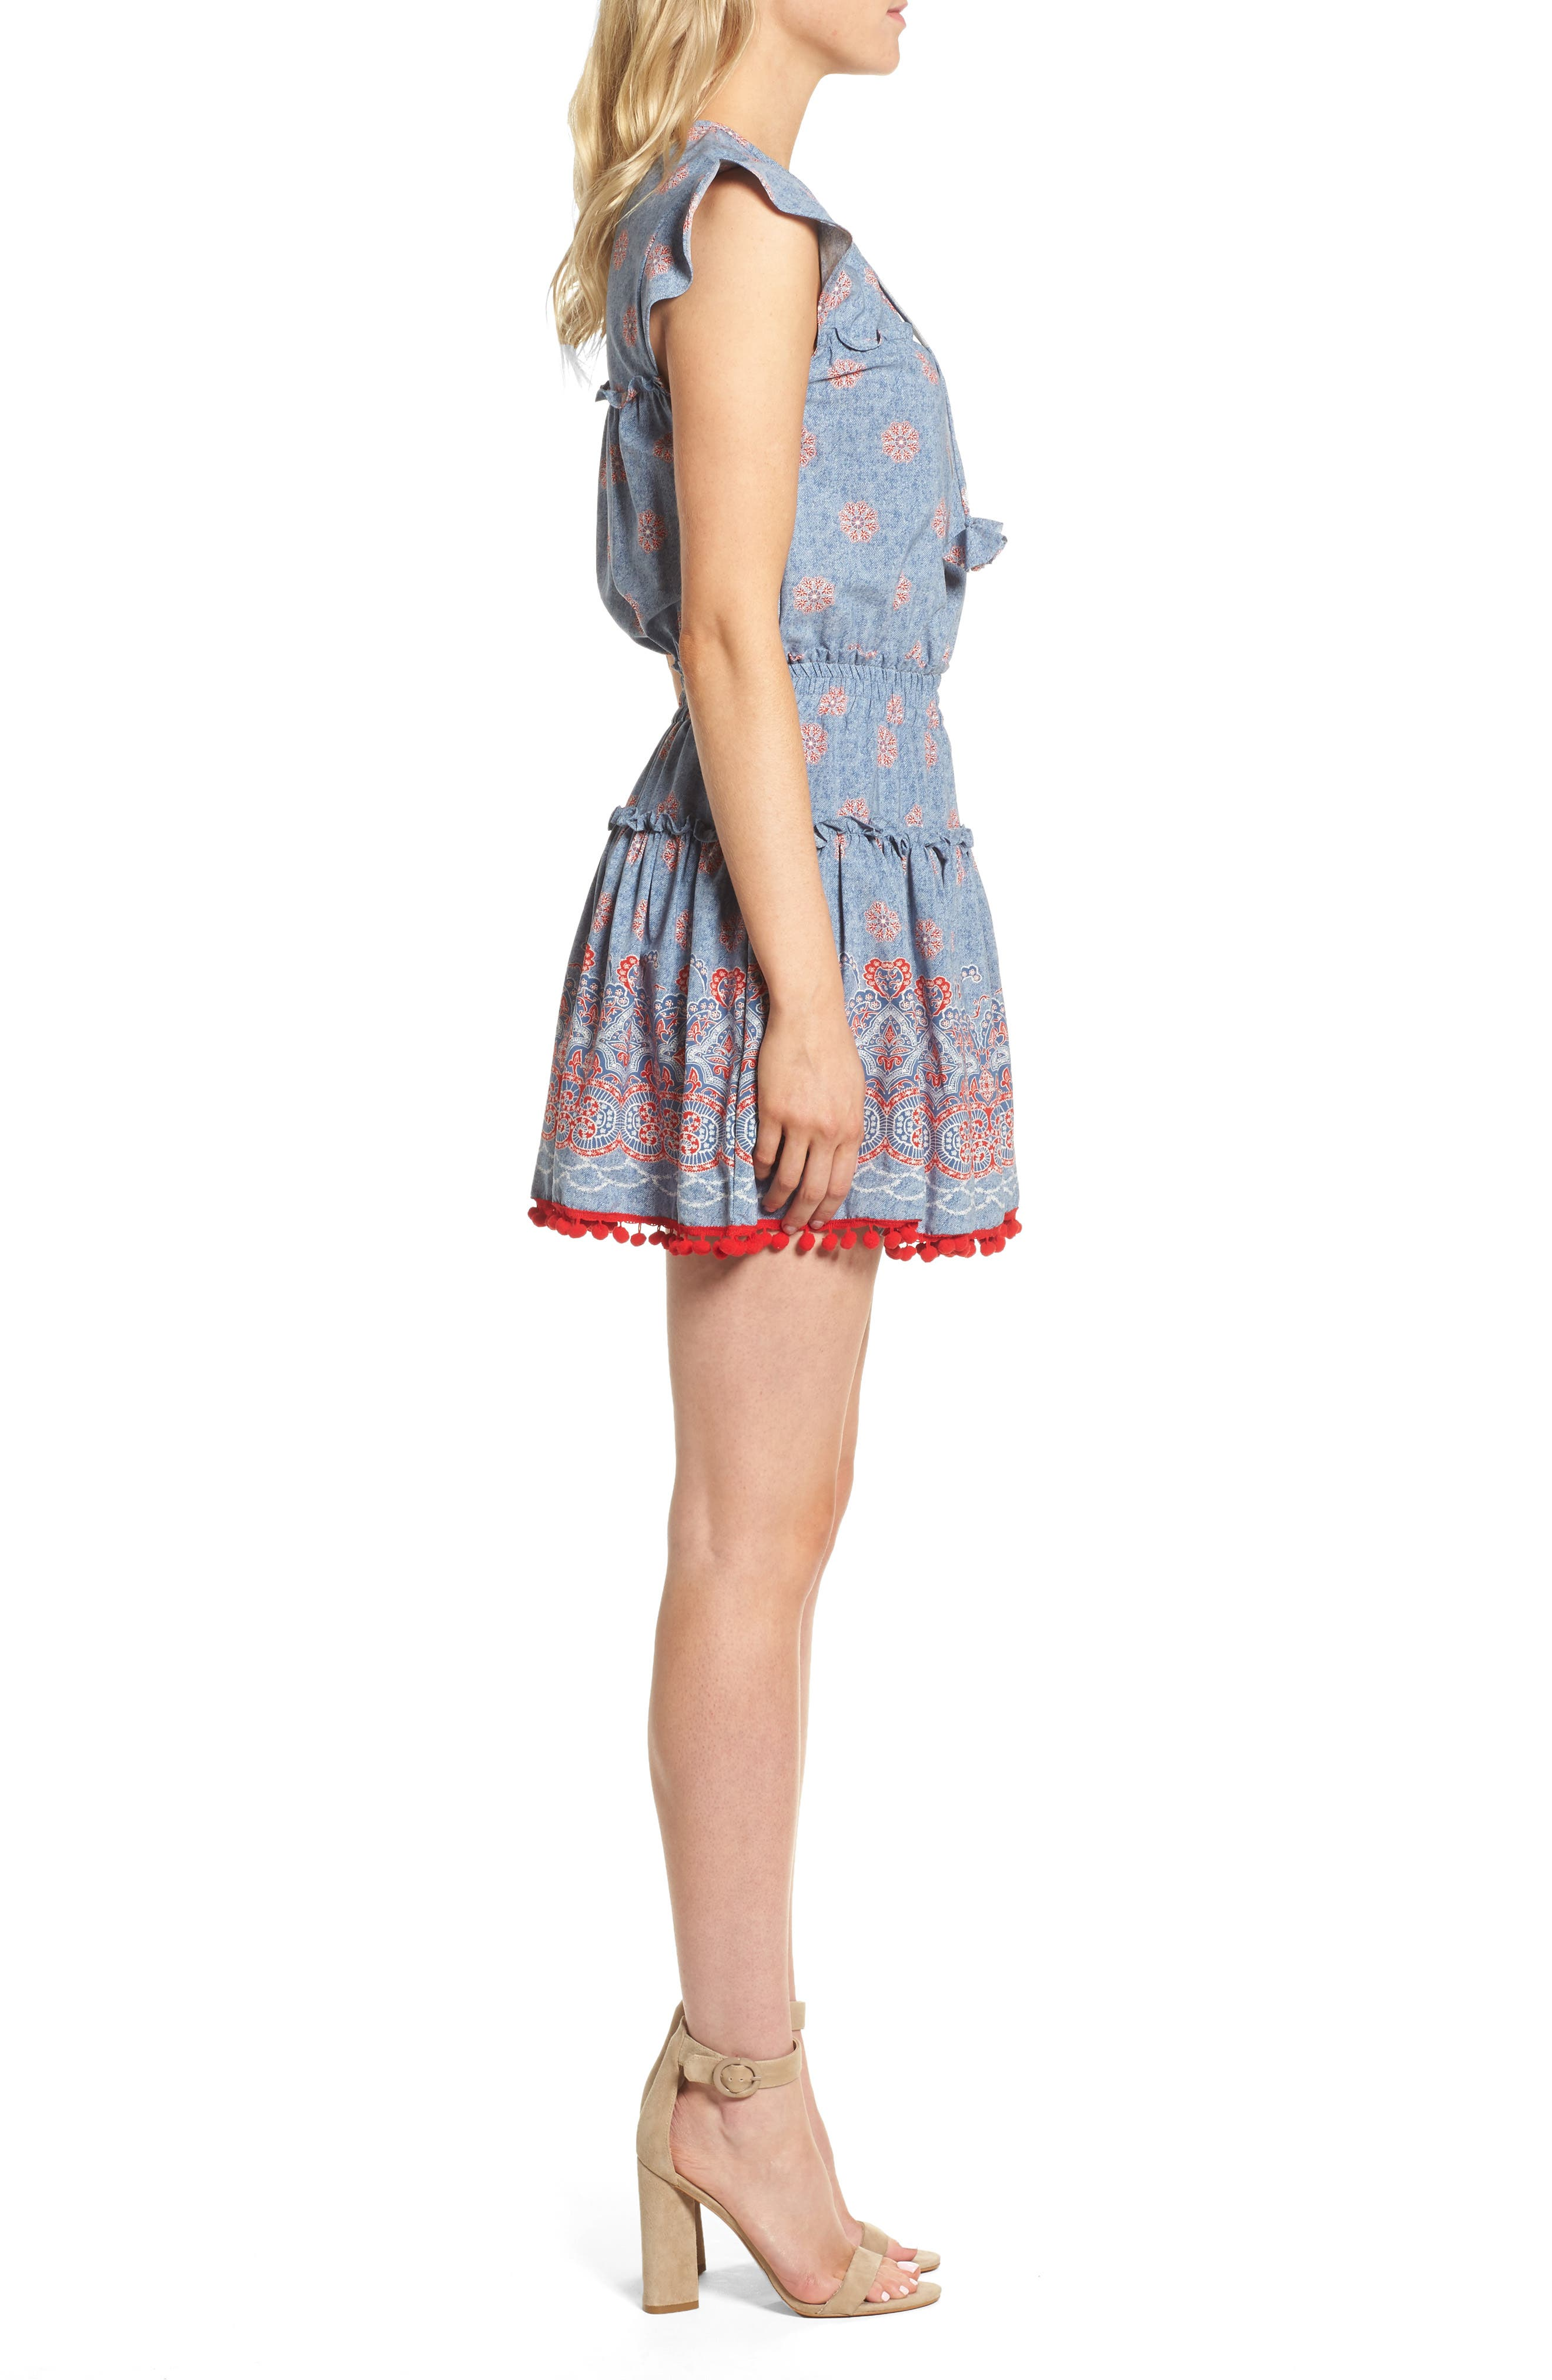 Tatiana Minidress,                             Alternate thumbnail 3, color,                             Blue/ Red Multi